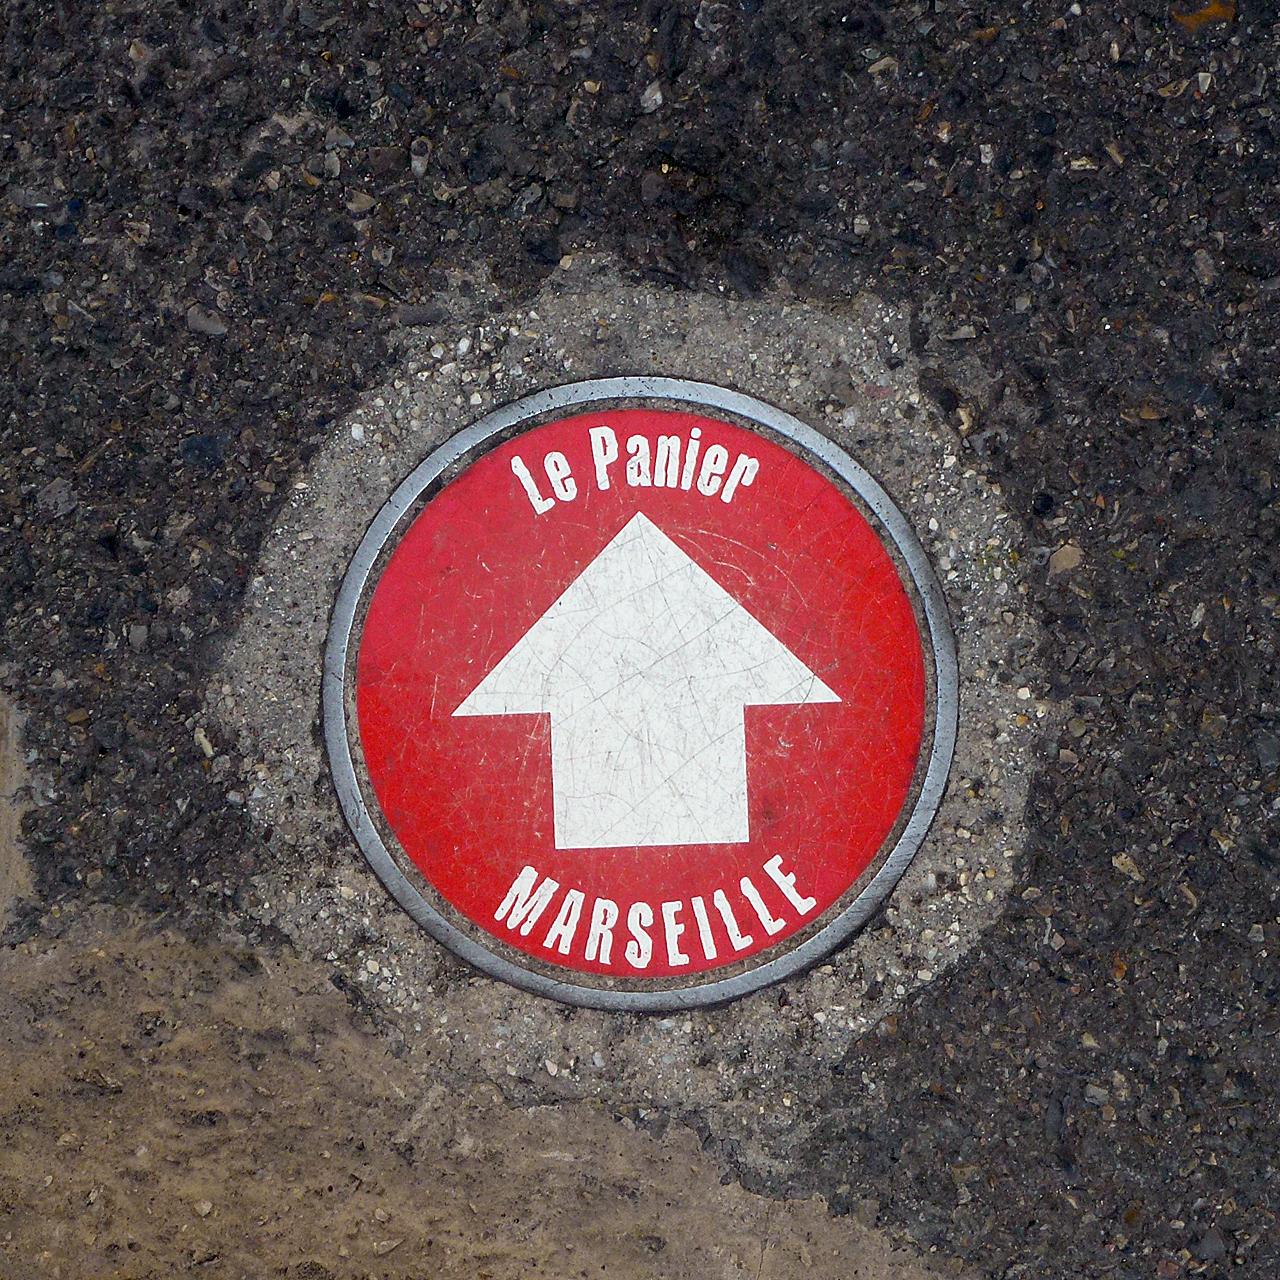 Indicazione stradale per Le Panier